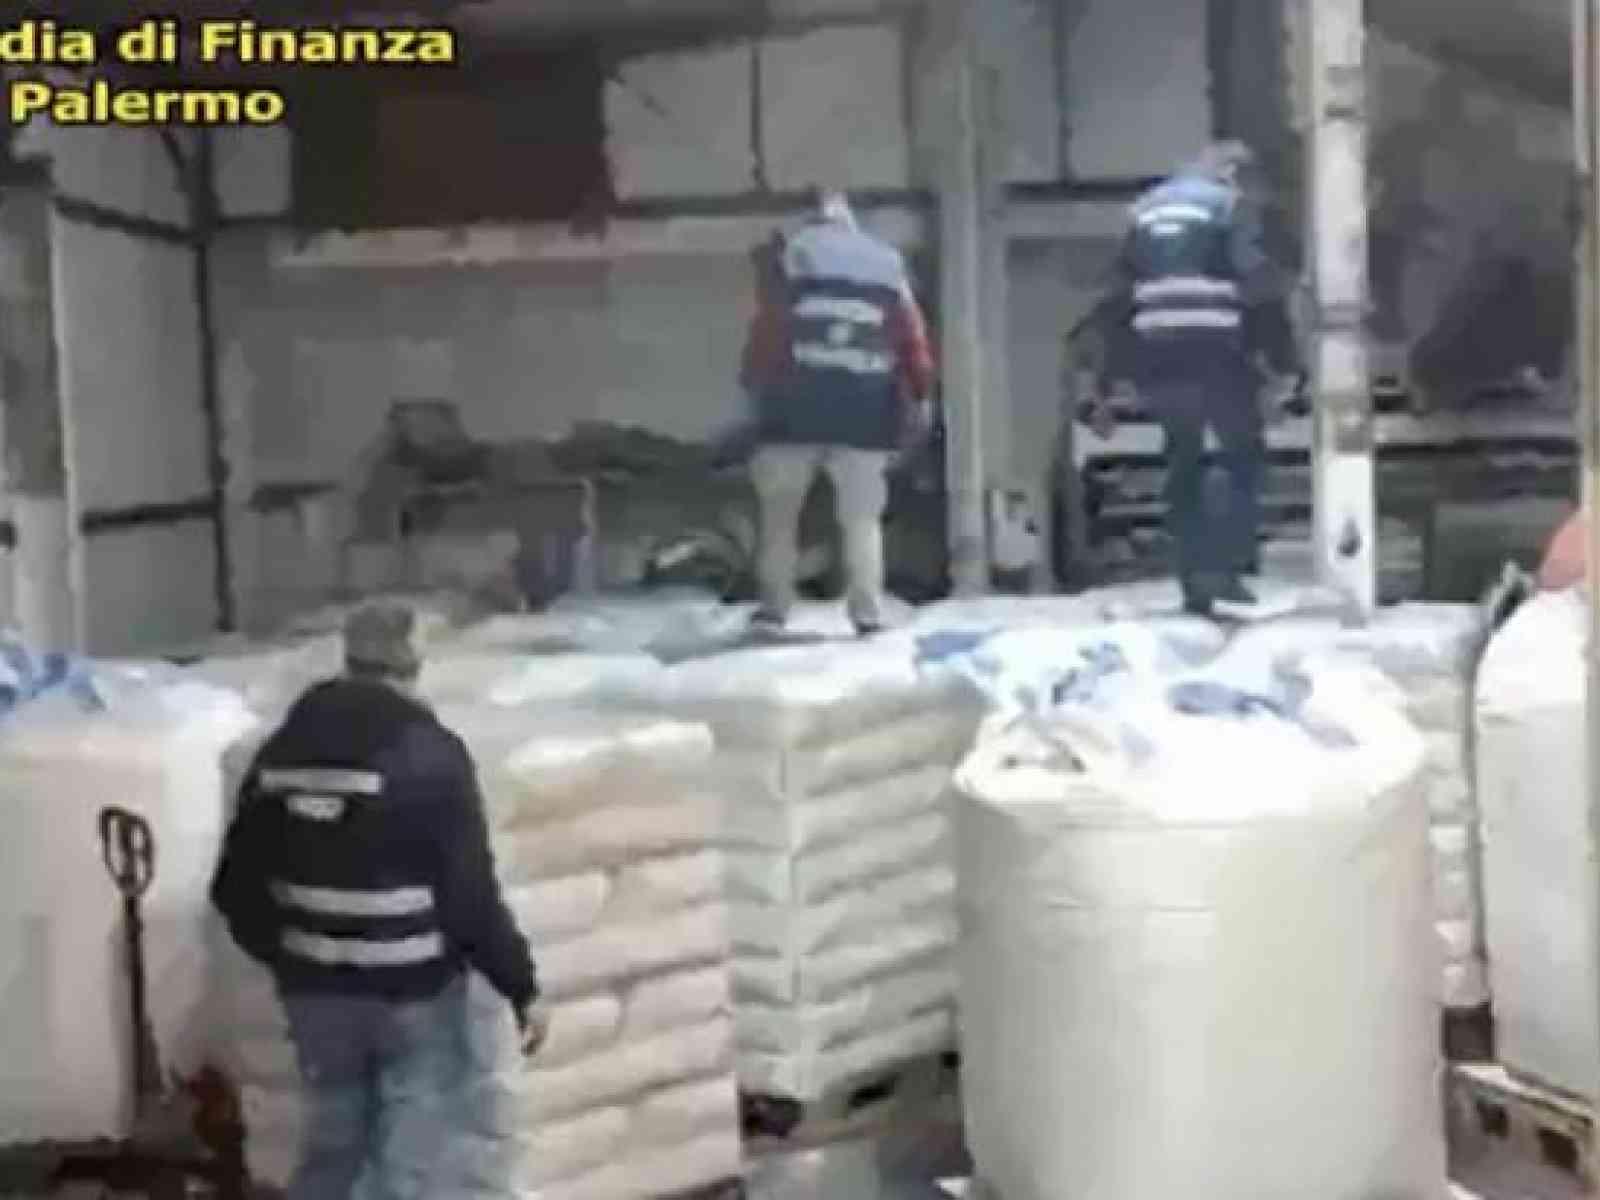 Immagine articolo: Vino fatto con acqua e zucchero, cinque arresti a Partinico. Il vino contraffatto venduto con false etichette in tutt'Italia, sequestrate diverse aziende vinicole.